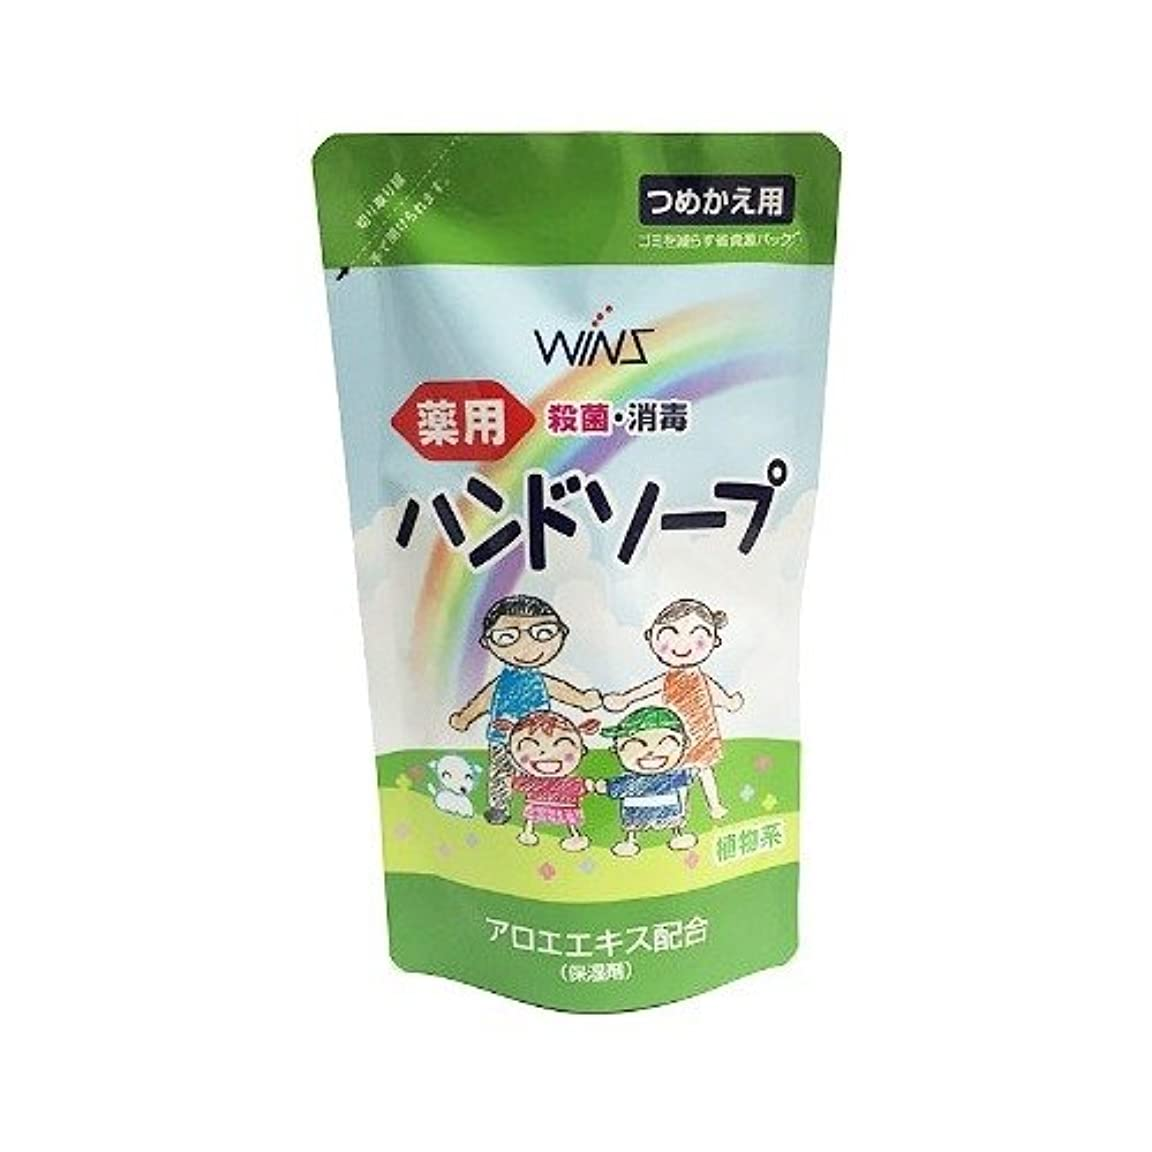 文句を言う商業の観光に行くウインズ 薬用ハンドソープ 詰替 200mL 日本合成洗剤